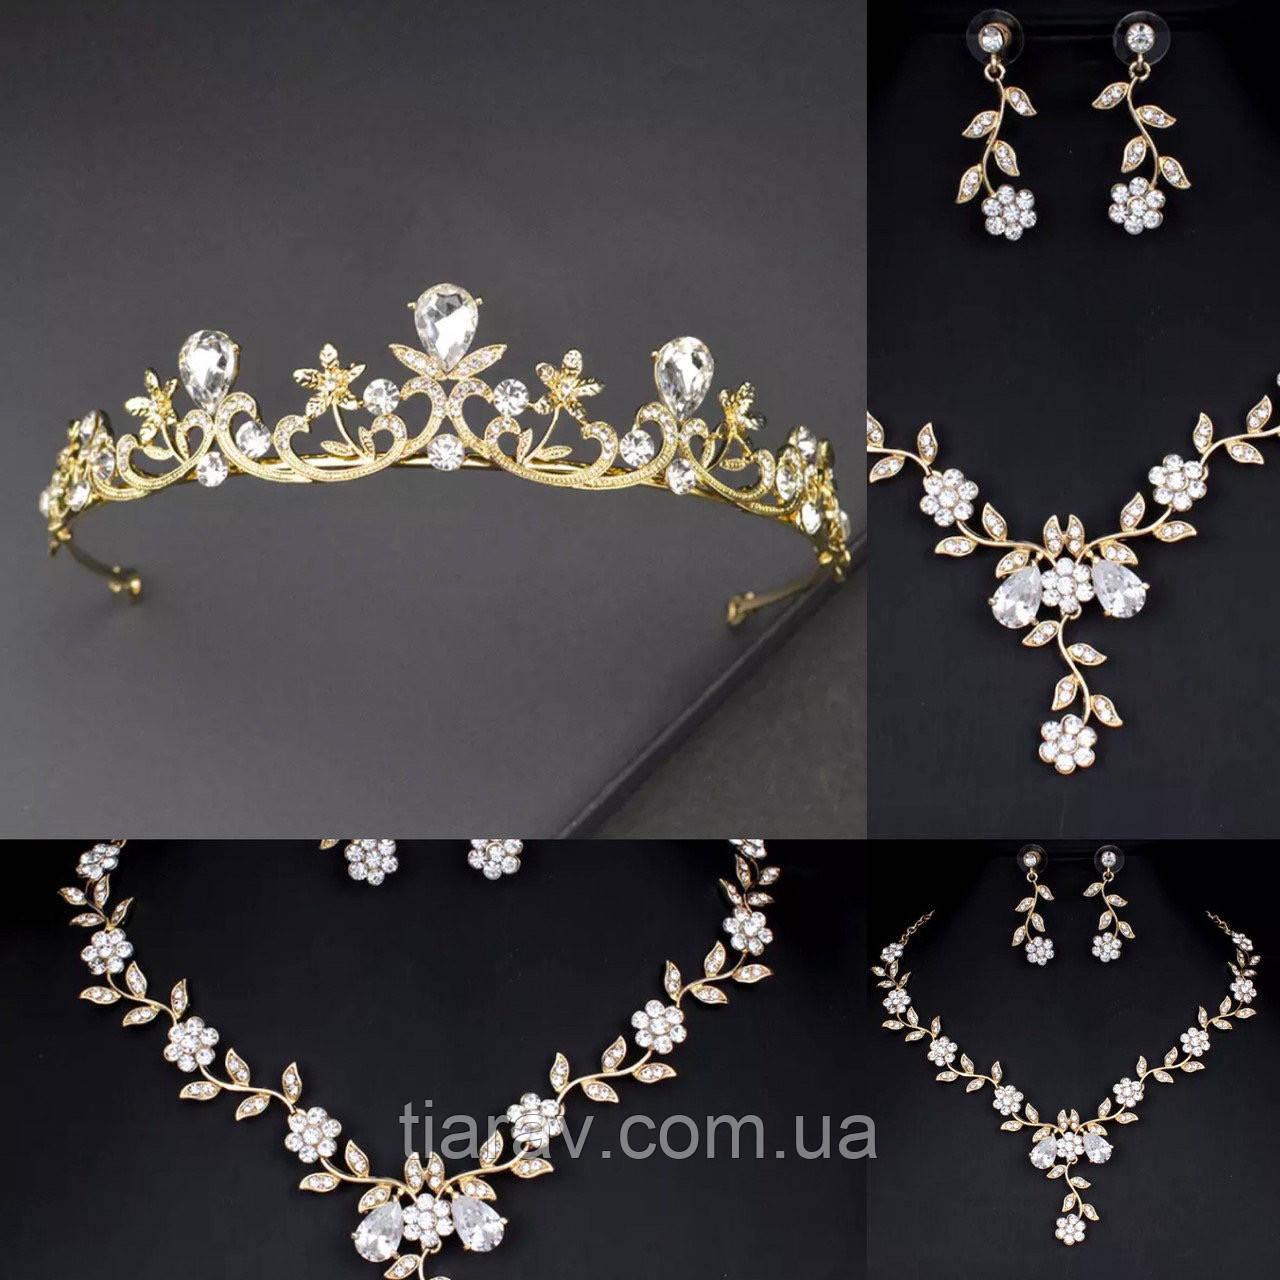 Весільна діадема кольє і сережки, набір, весільна біжутерія